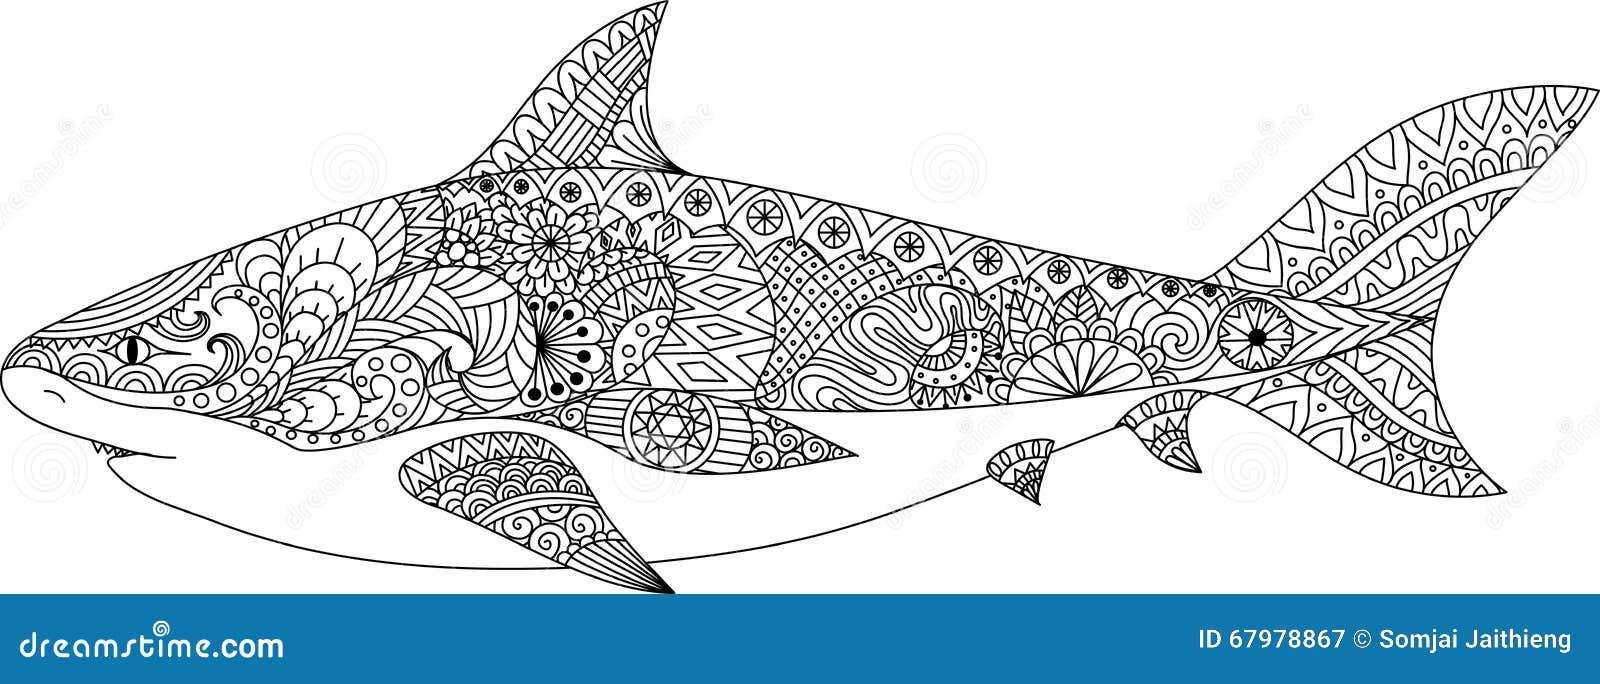 De kunstontwerp van de haailijn voor het kleuren van boek voor volwassene, tatoegering, t-shirtontwerp en andere decoratie